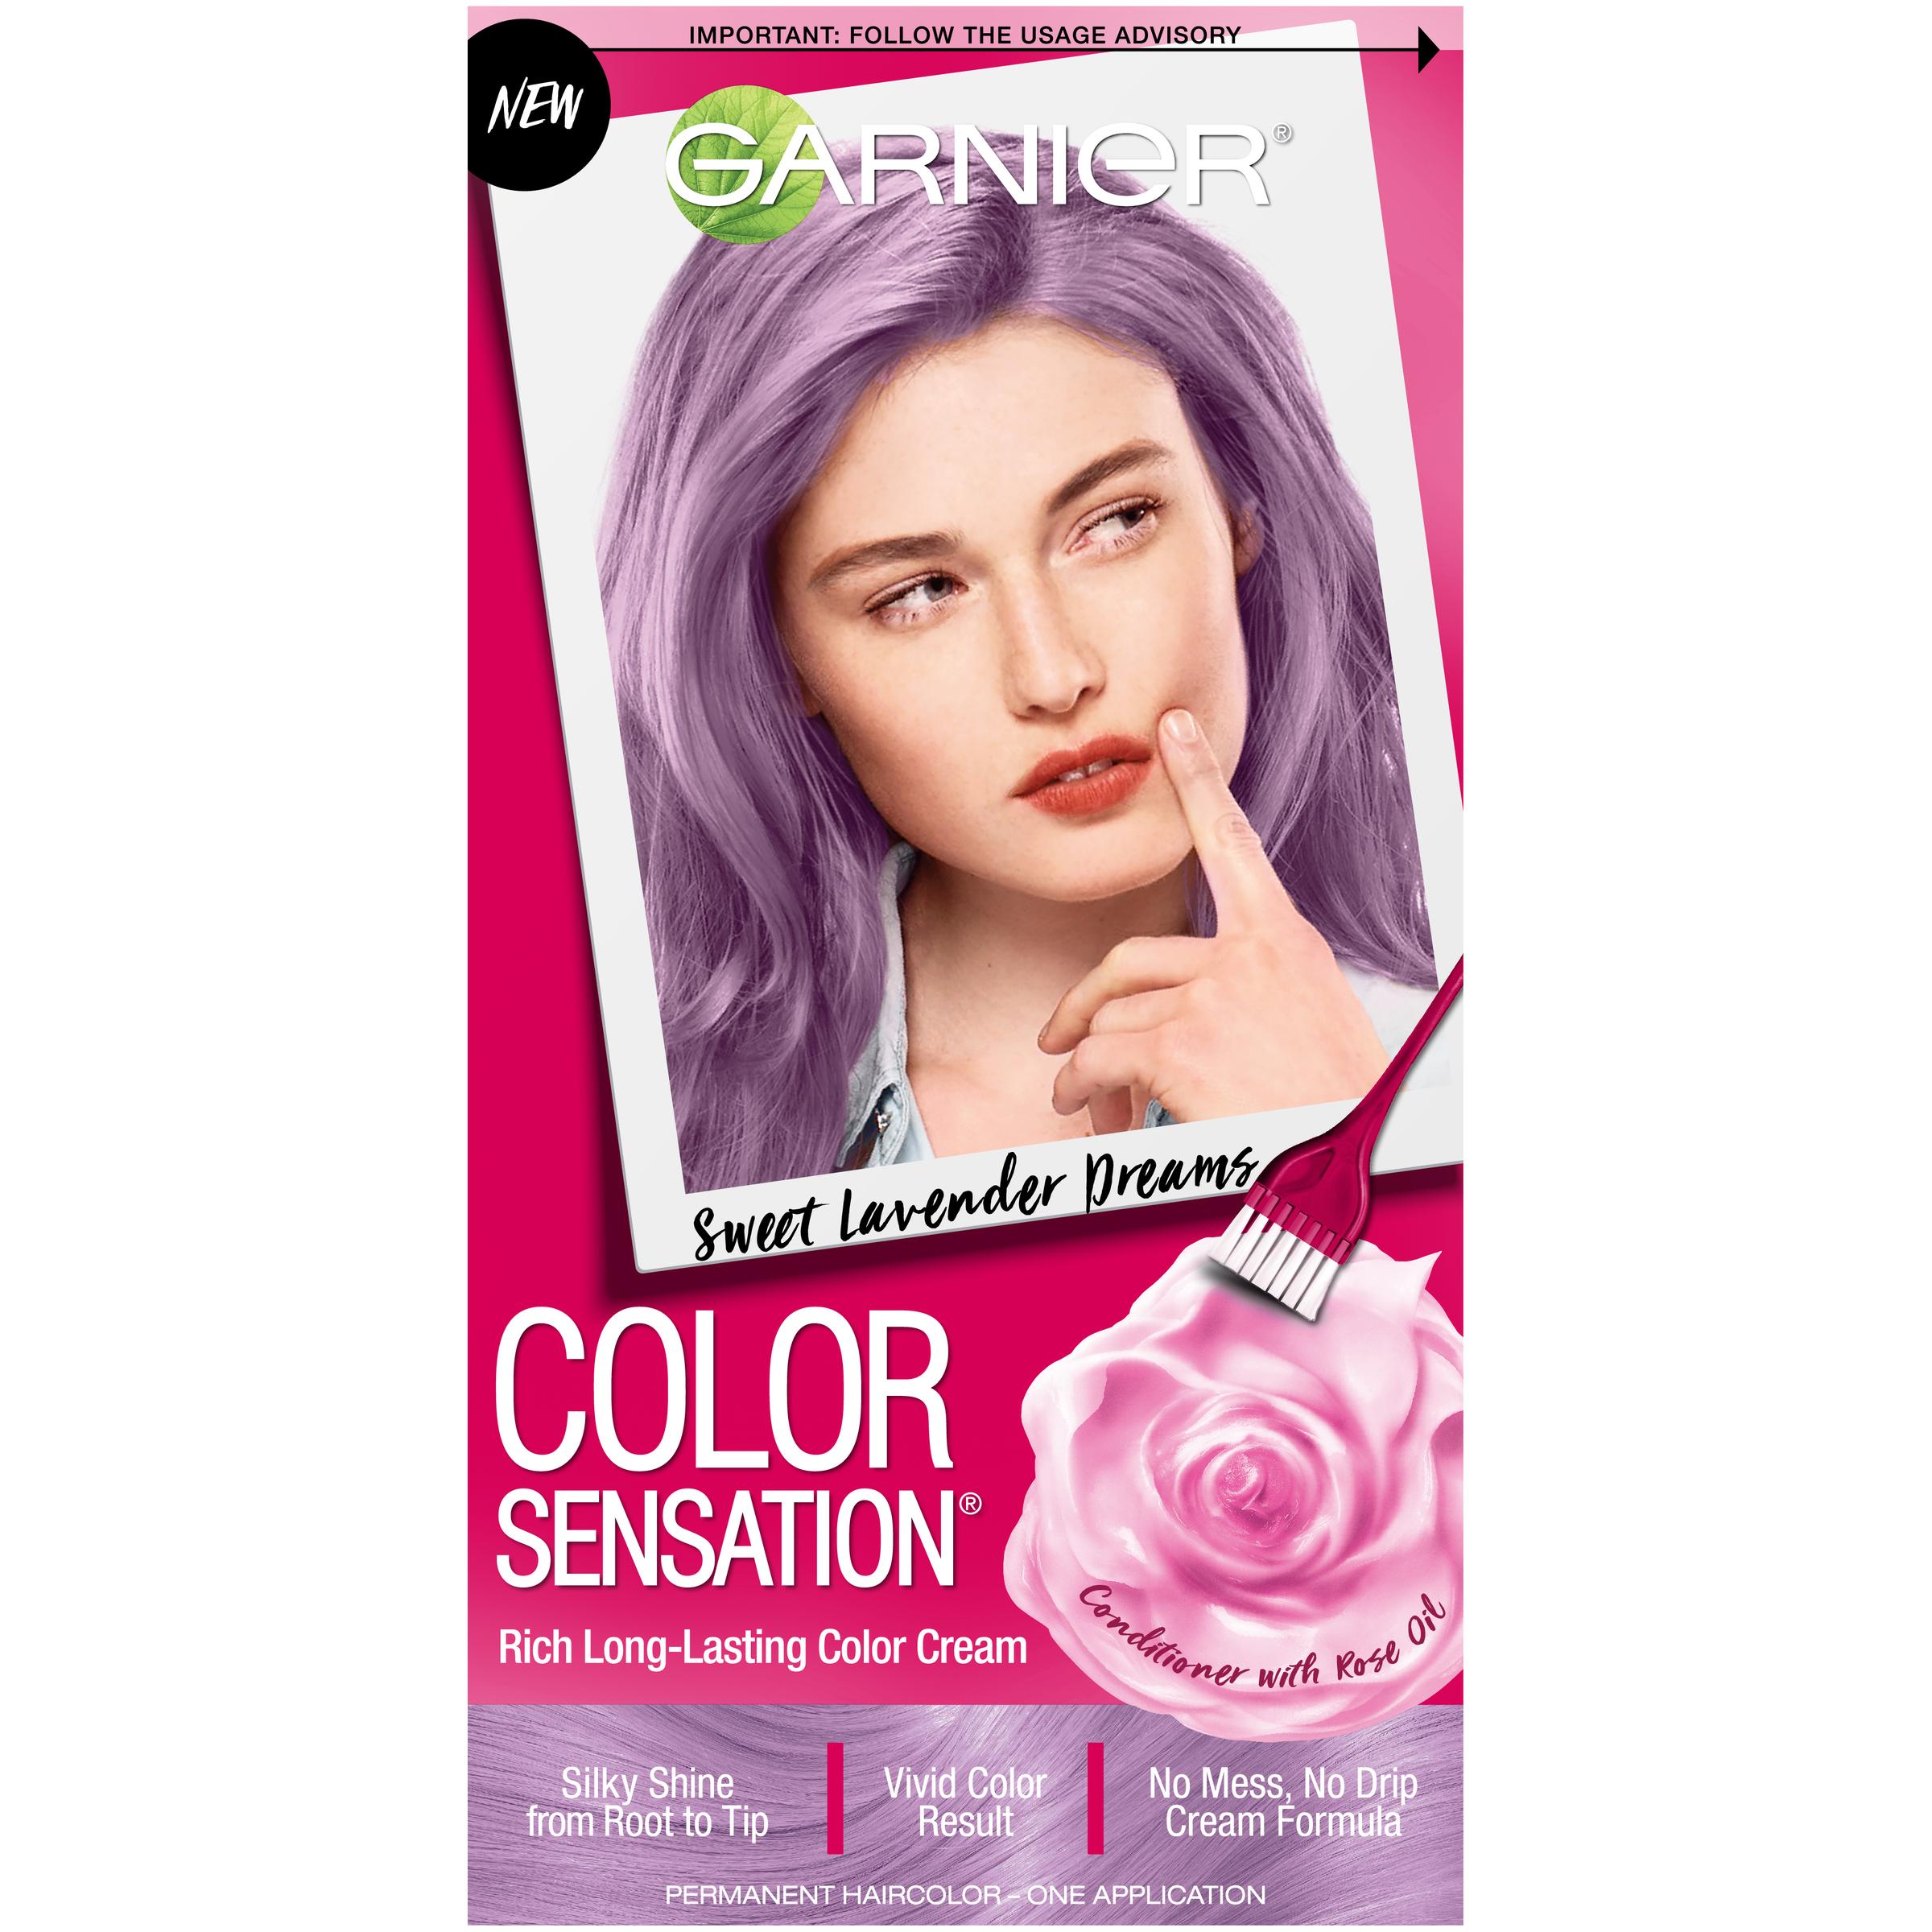 Garnier Color Sensation Rich Long-Lasting Color Cream, Sweet Lavendar Dreams